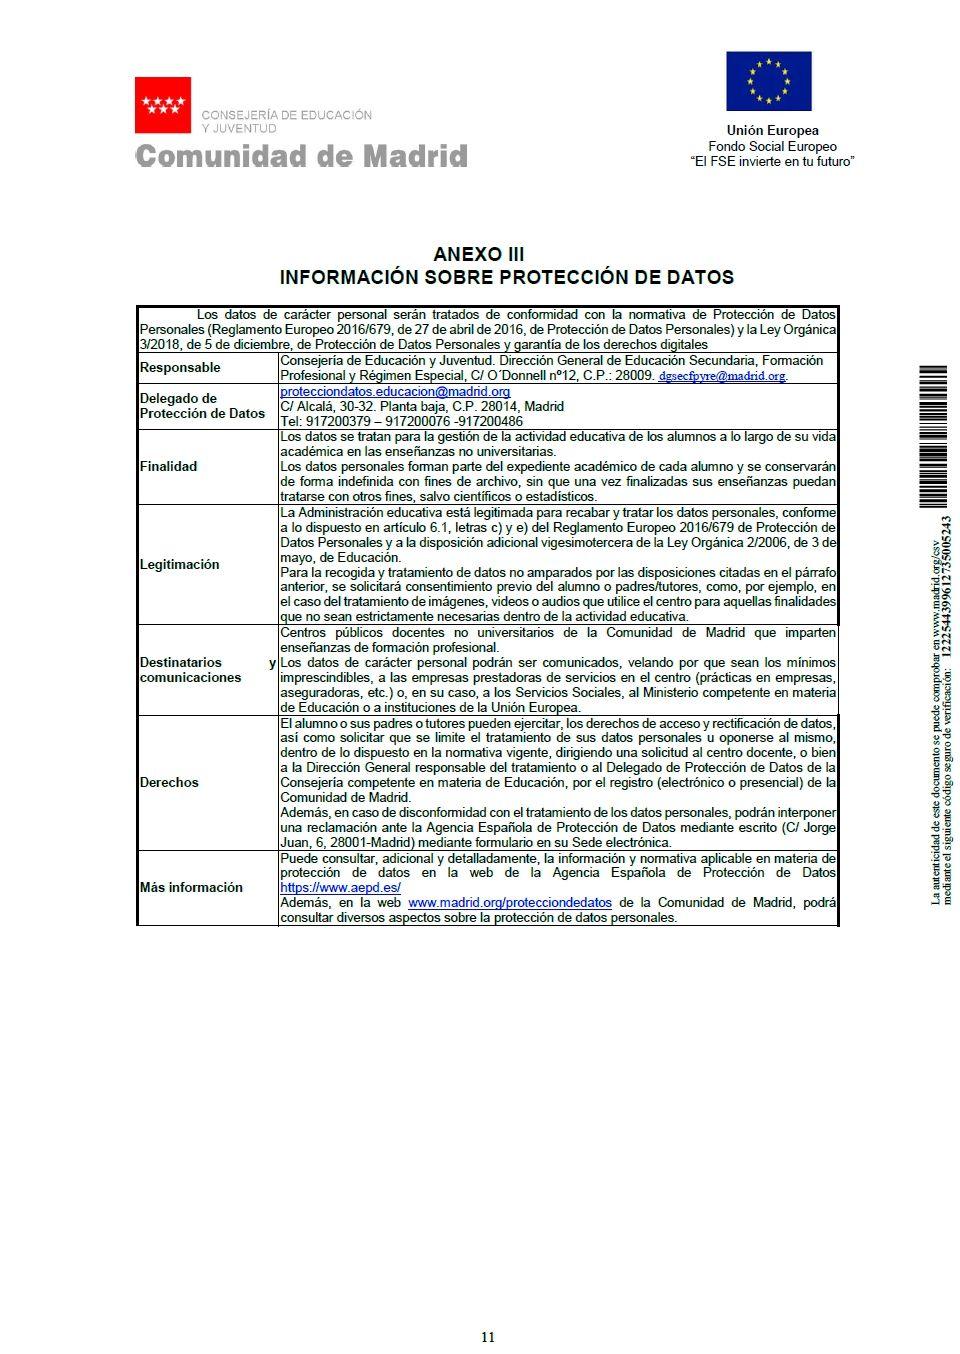 FPB Anexo III - Información sobre protección de datos